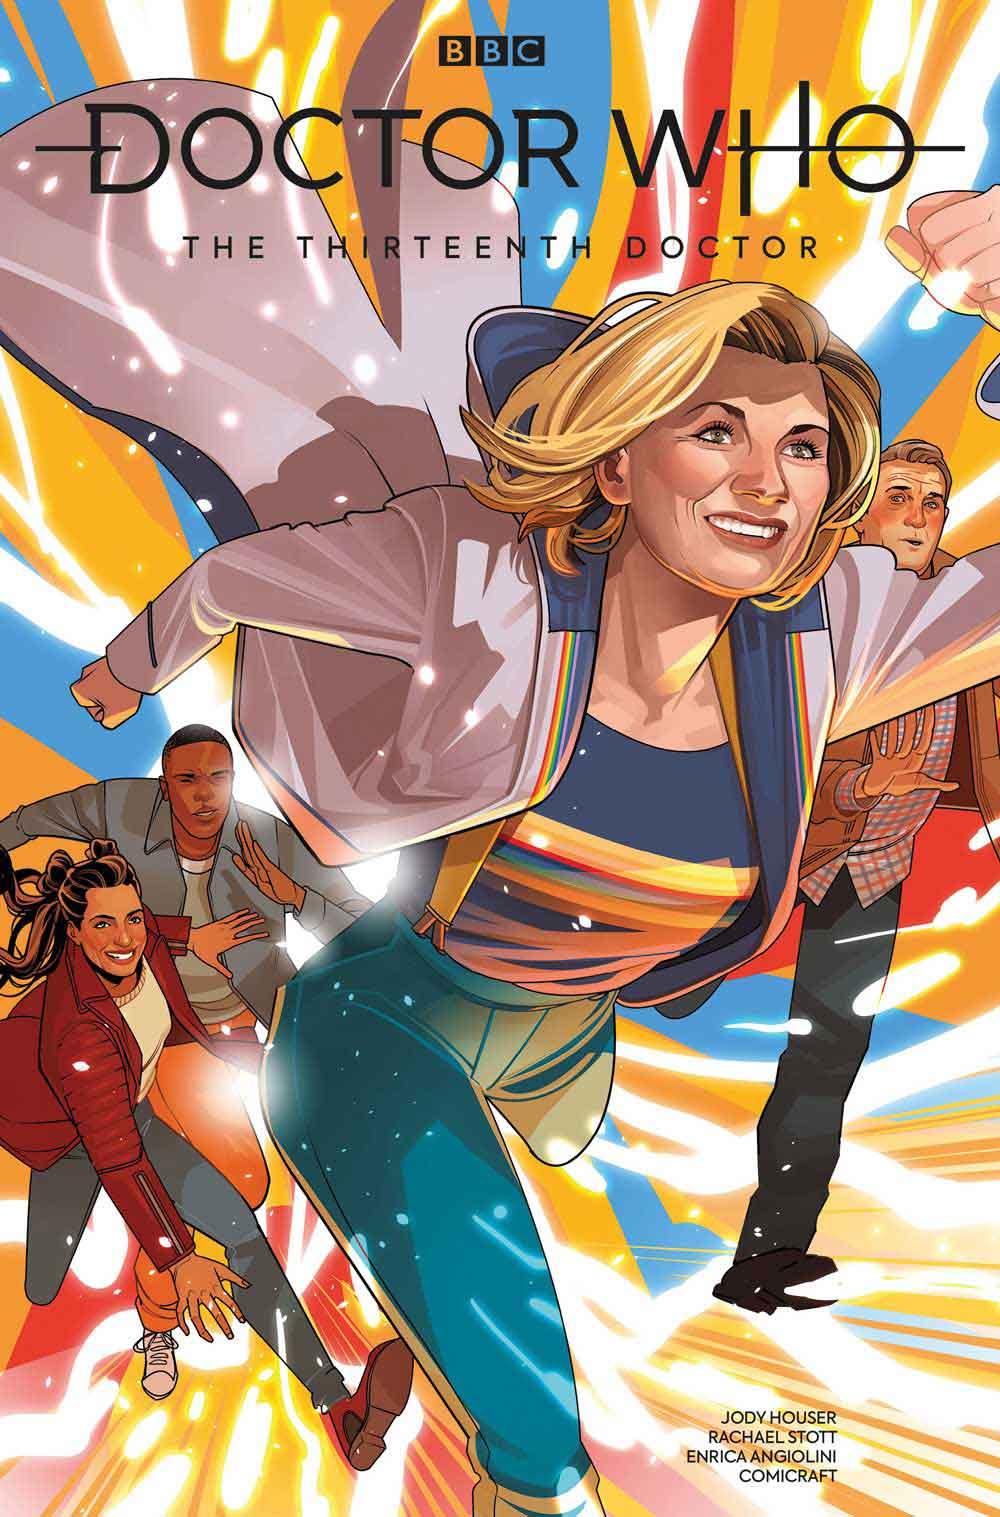 Okładka komiksu z serii o Trzynastej Doktor autorstwa Jody Houser.